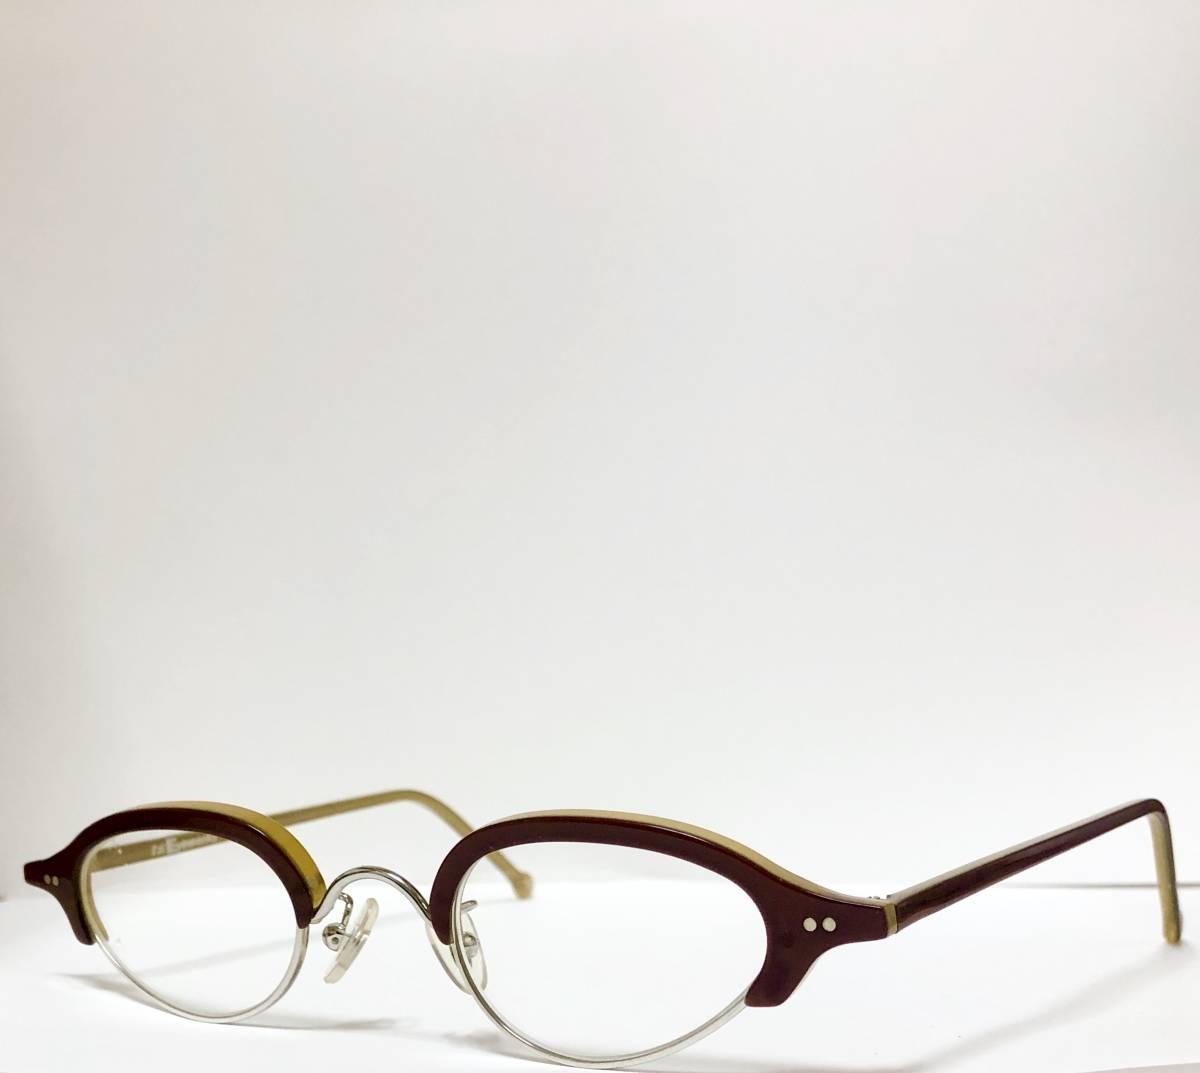 ビンテージ・新品】1990年代 l.a. Eyeworks イタリア製ティリー 茶色 高級メガネ エルエーアイワークス /ヴィンテージ 米国ブランド_画像3